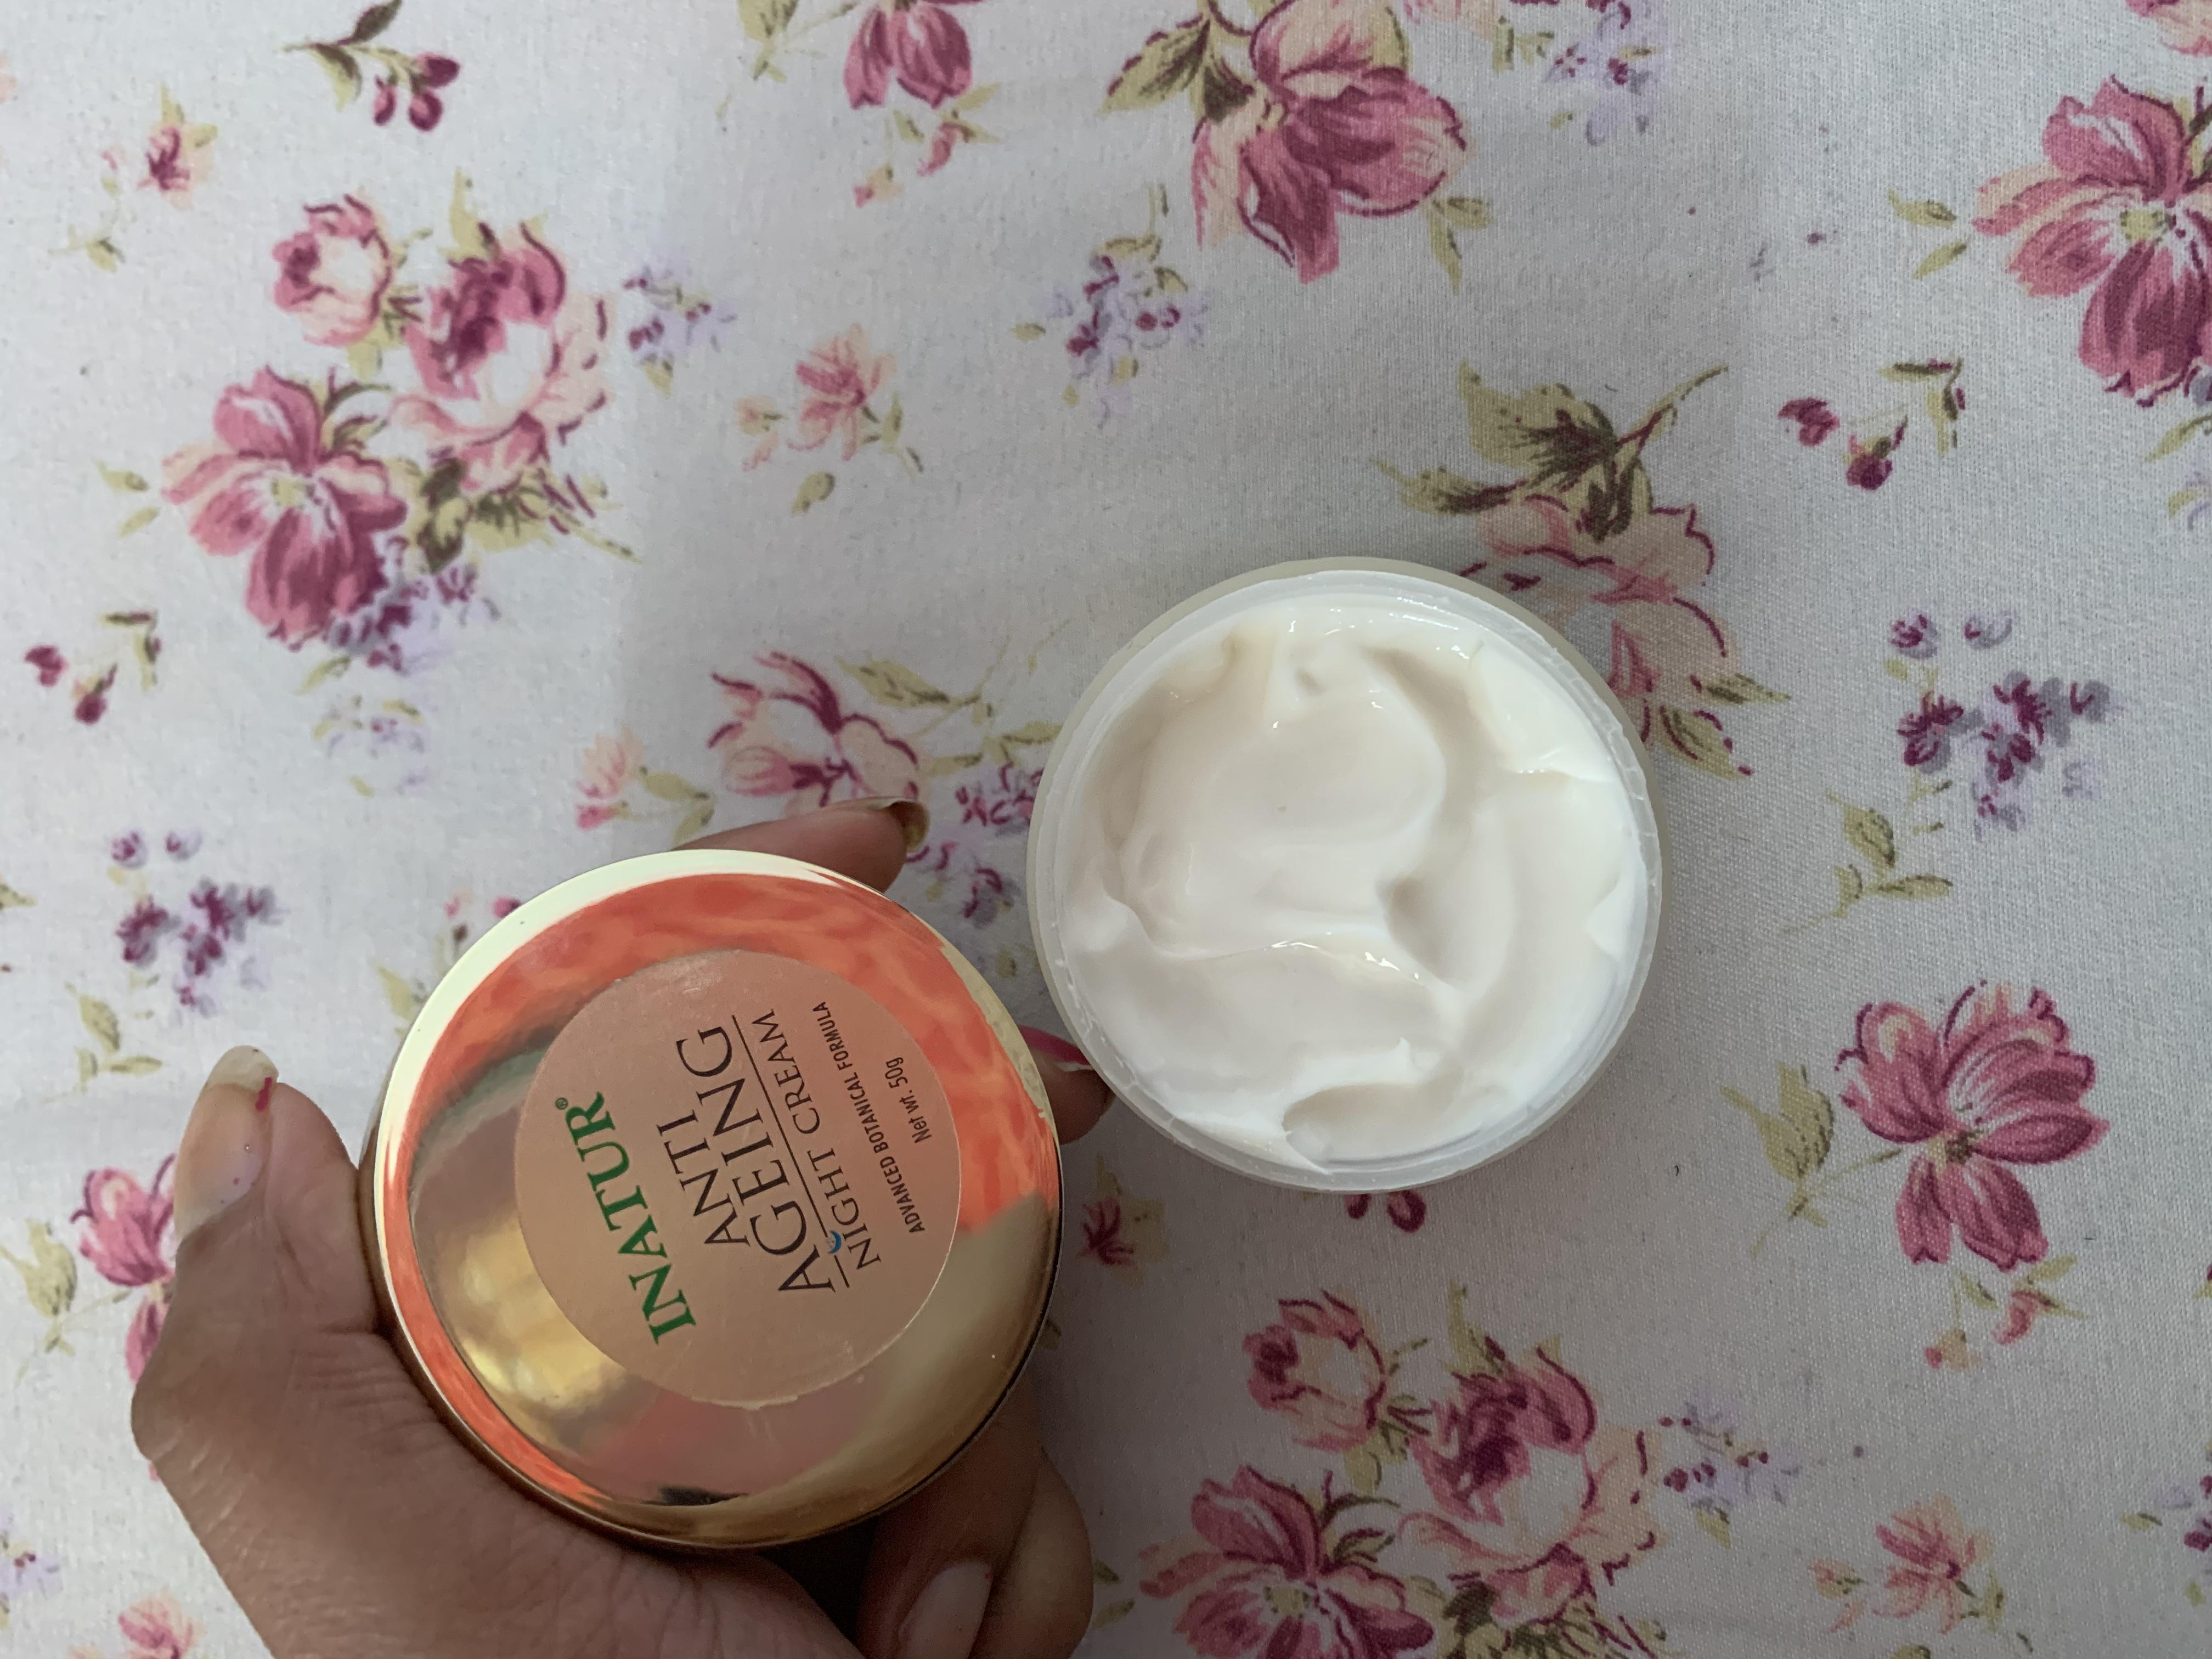 Inatur Anti-Ageing Night Cream pic 3-Nature night cream-By shivanika_dhami